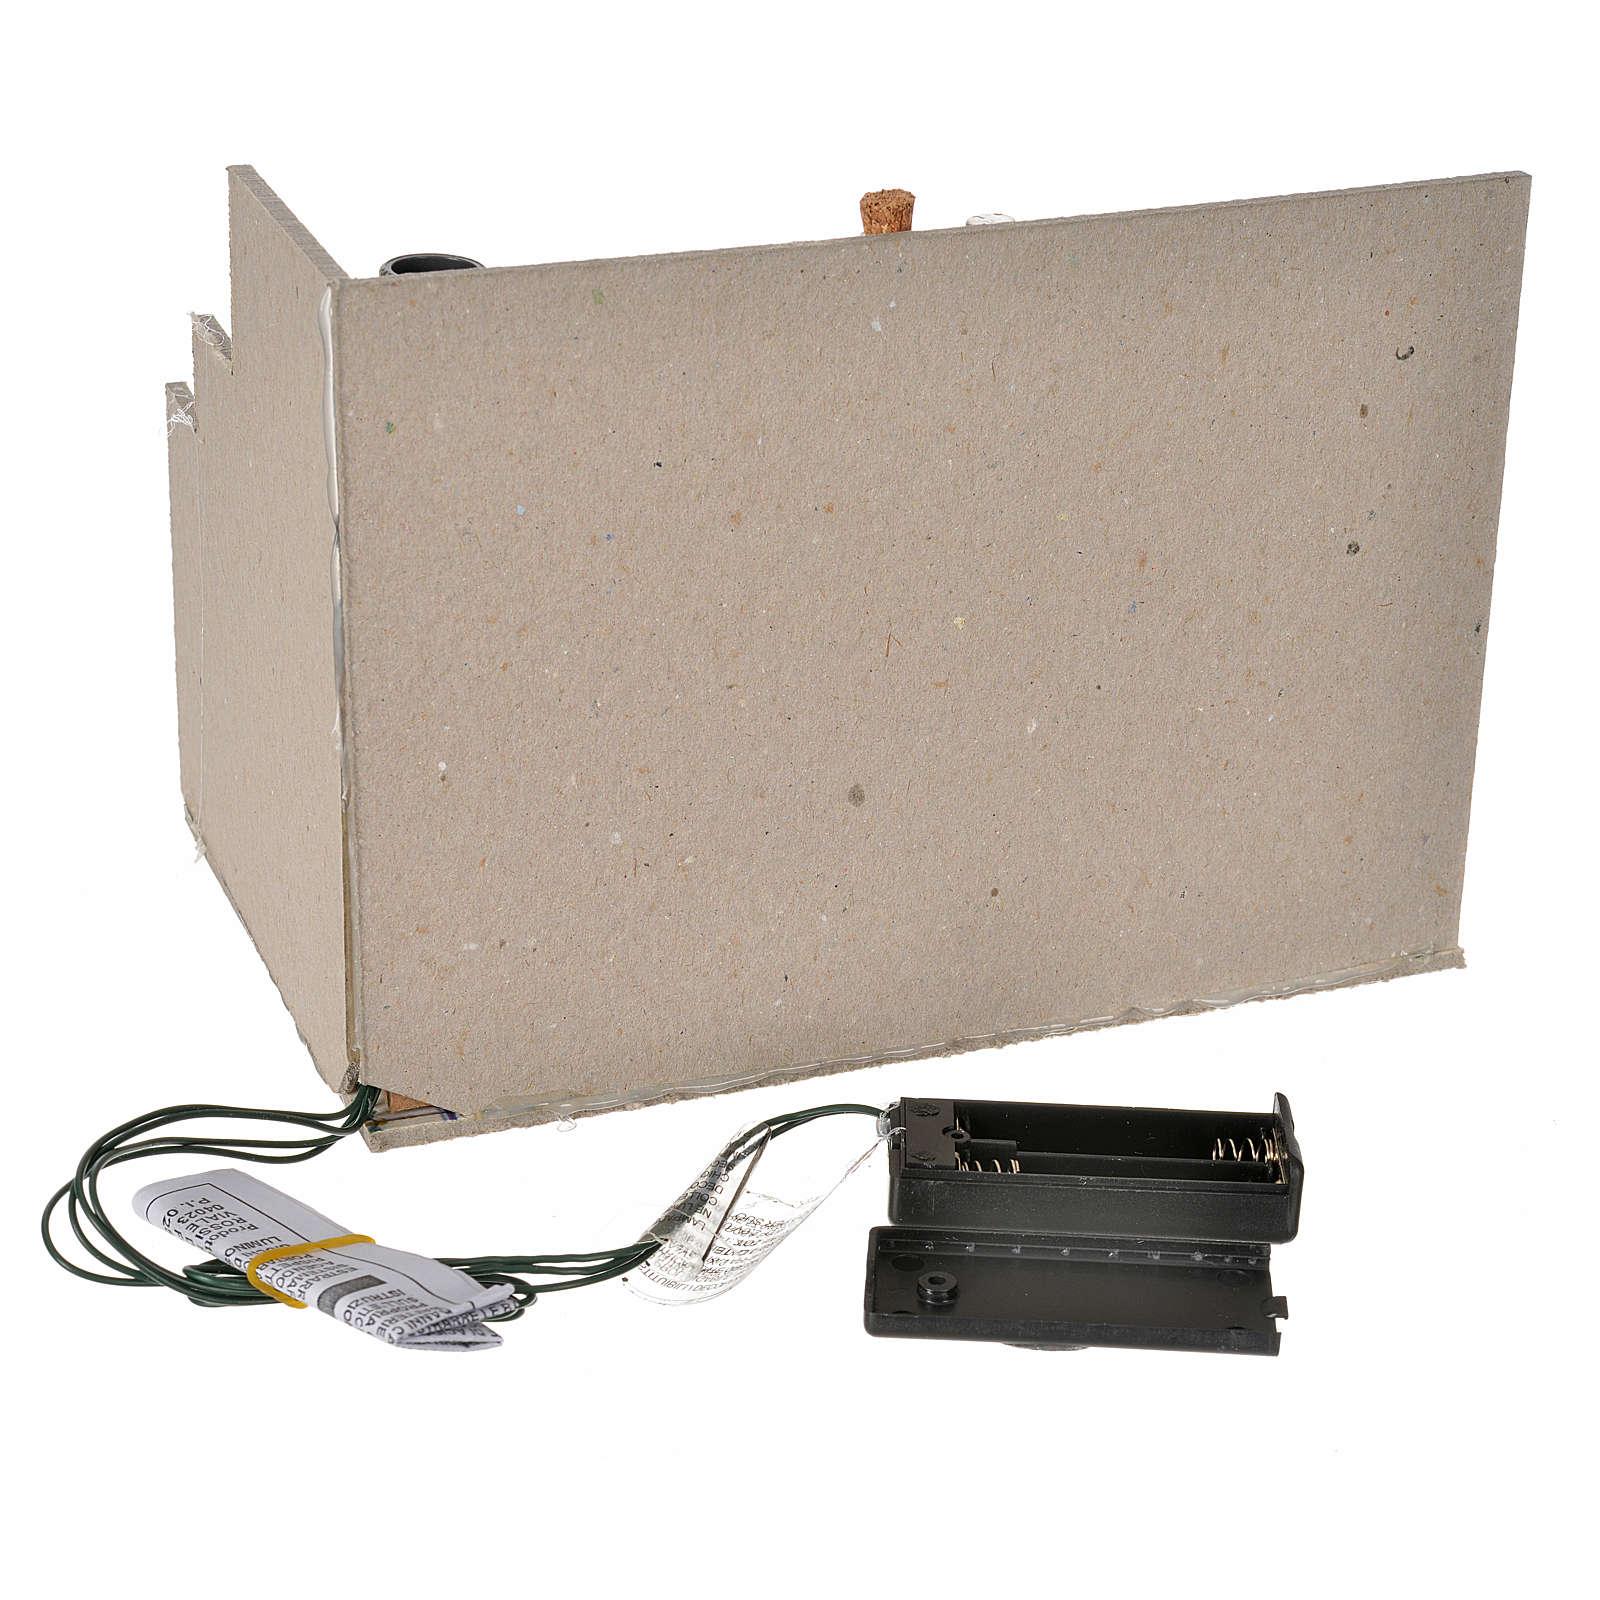 Chimenea 2 LED parpadeante cm. 20 x 14 x 14,5 4